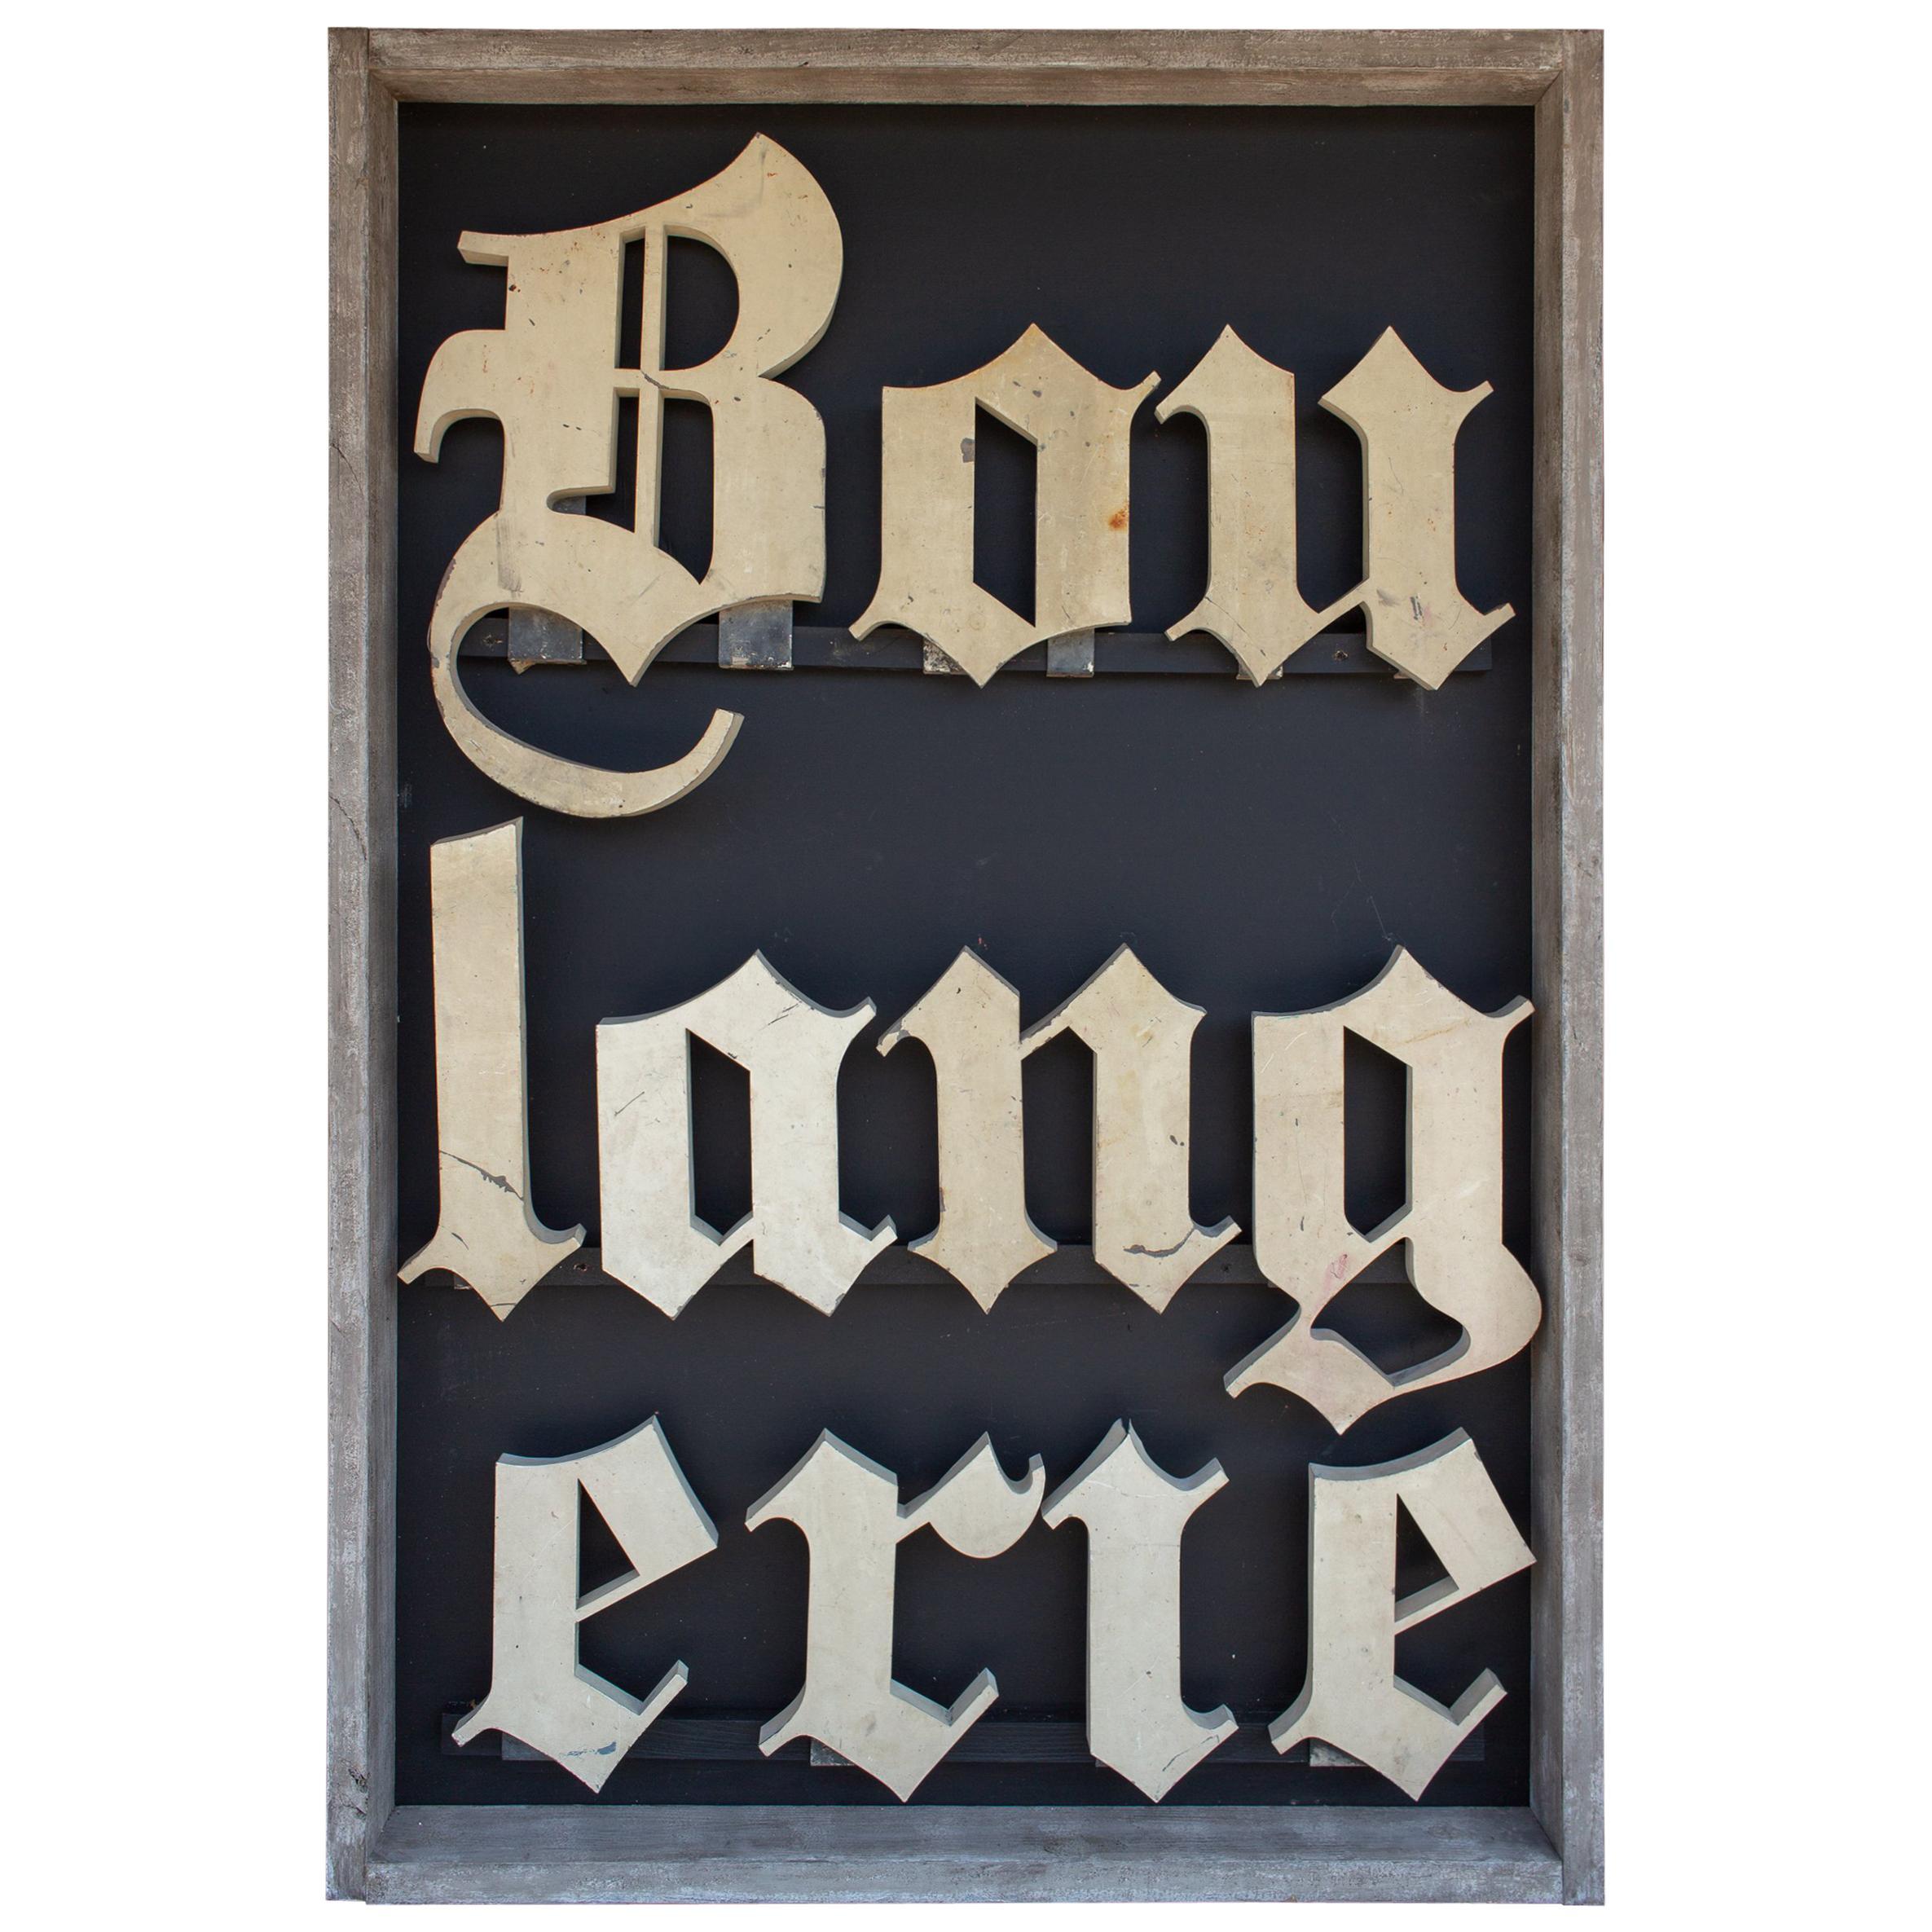 Antique French Boulangerie Letters Parisian Shop Sign Art